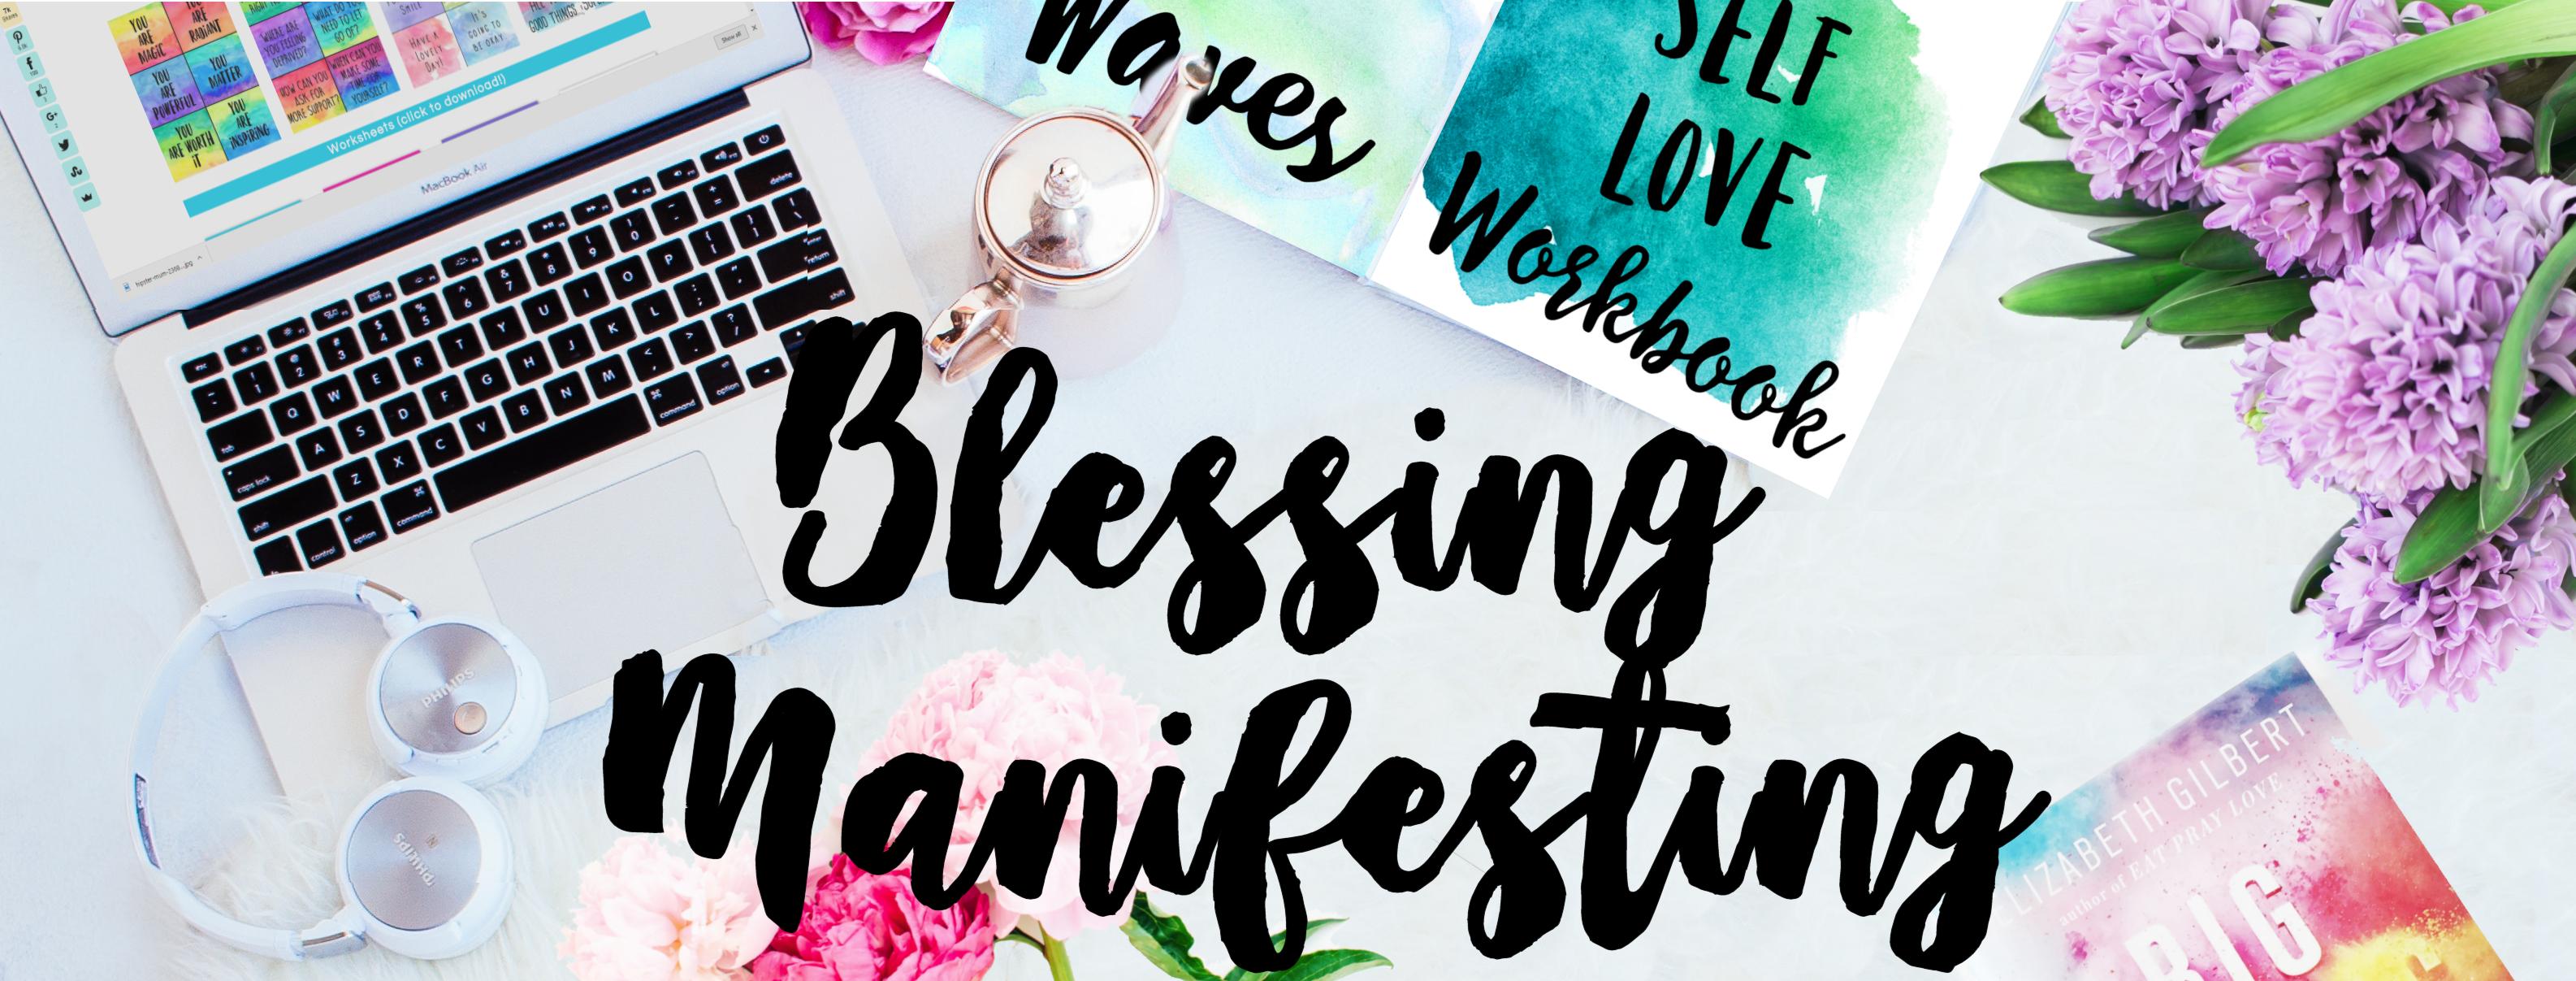 Blessing Manifesting